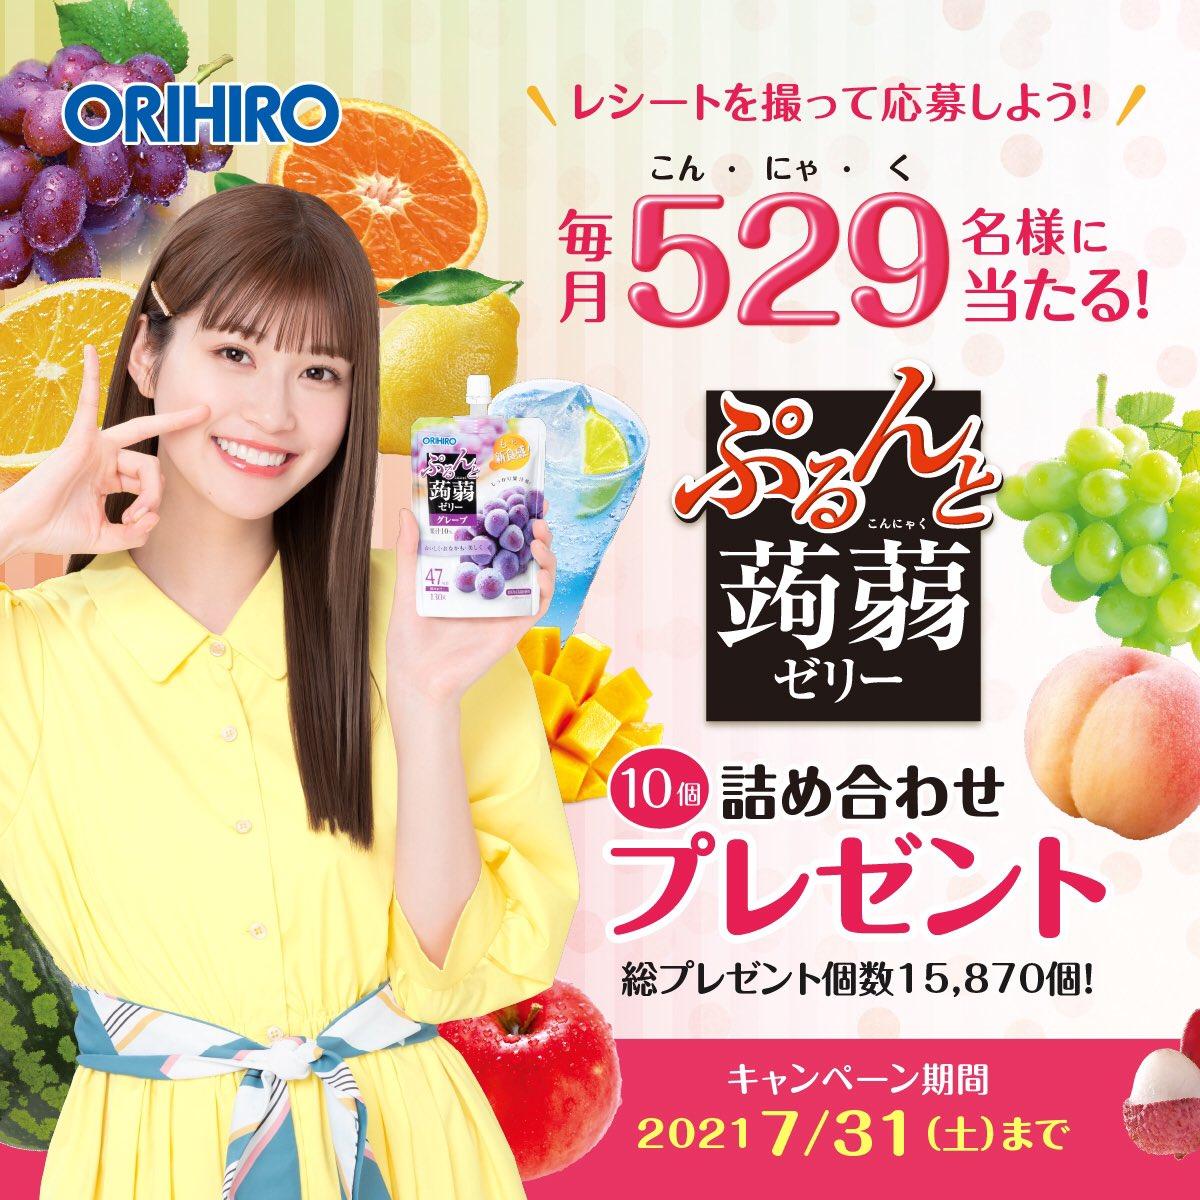 オリヒロ ぷるんと食感!プレゼントキャンペーン